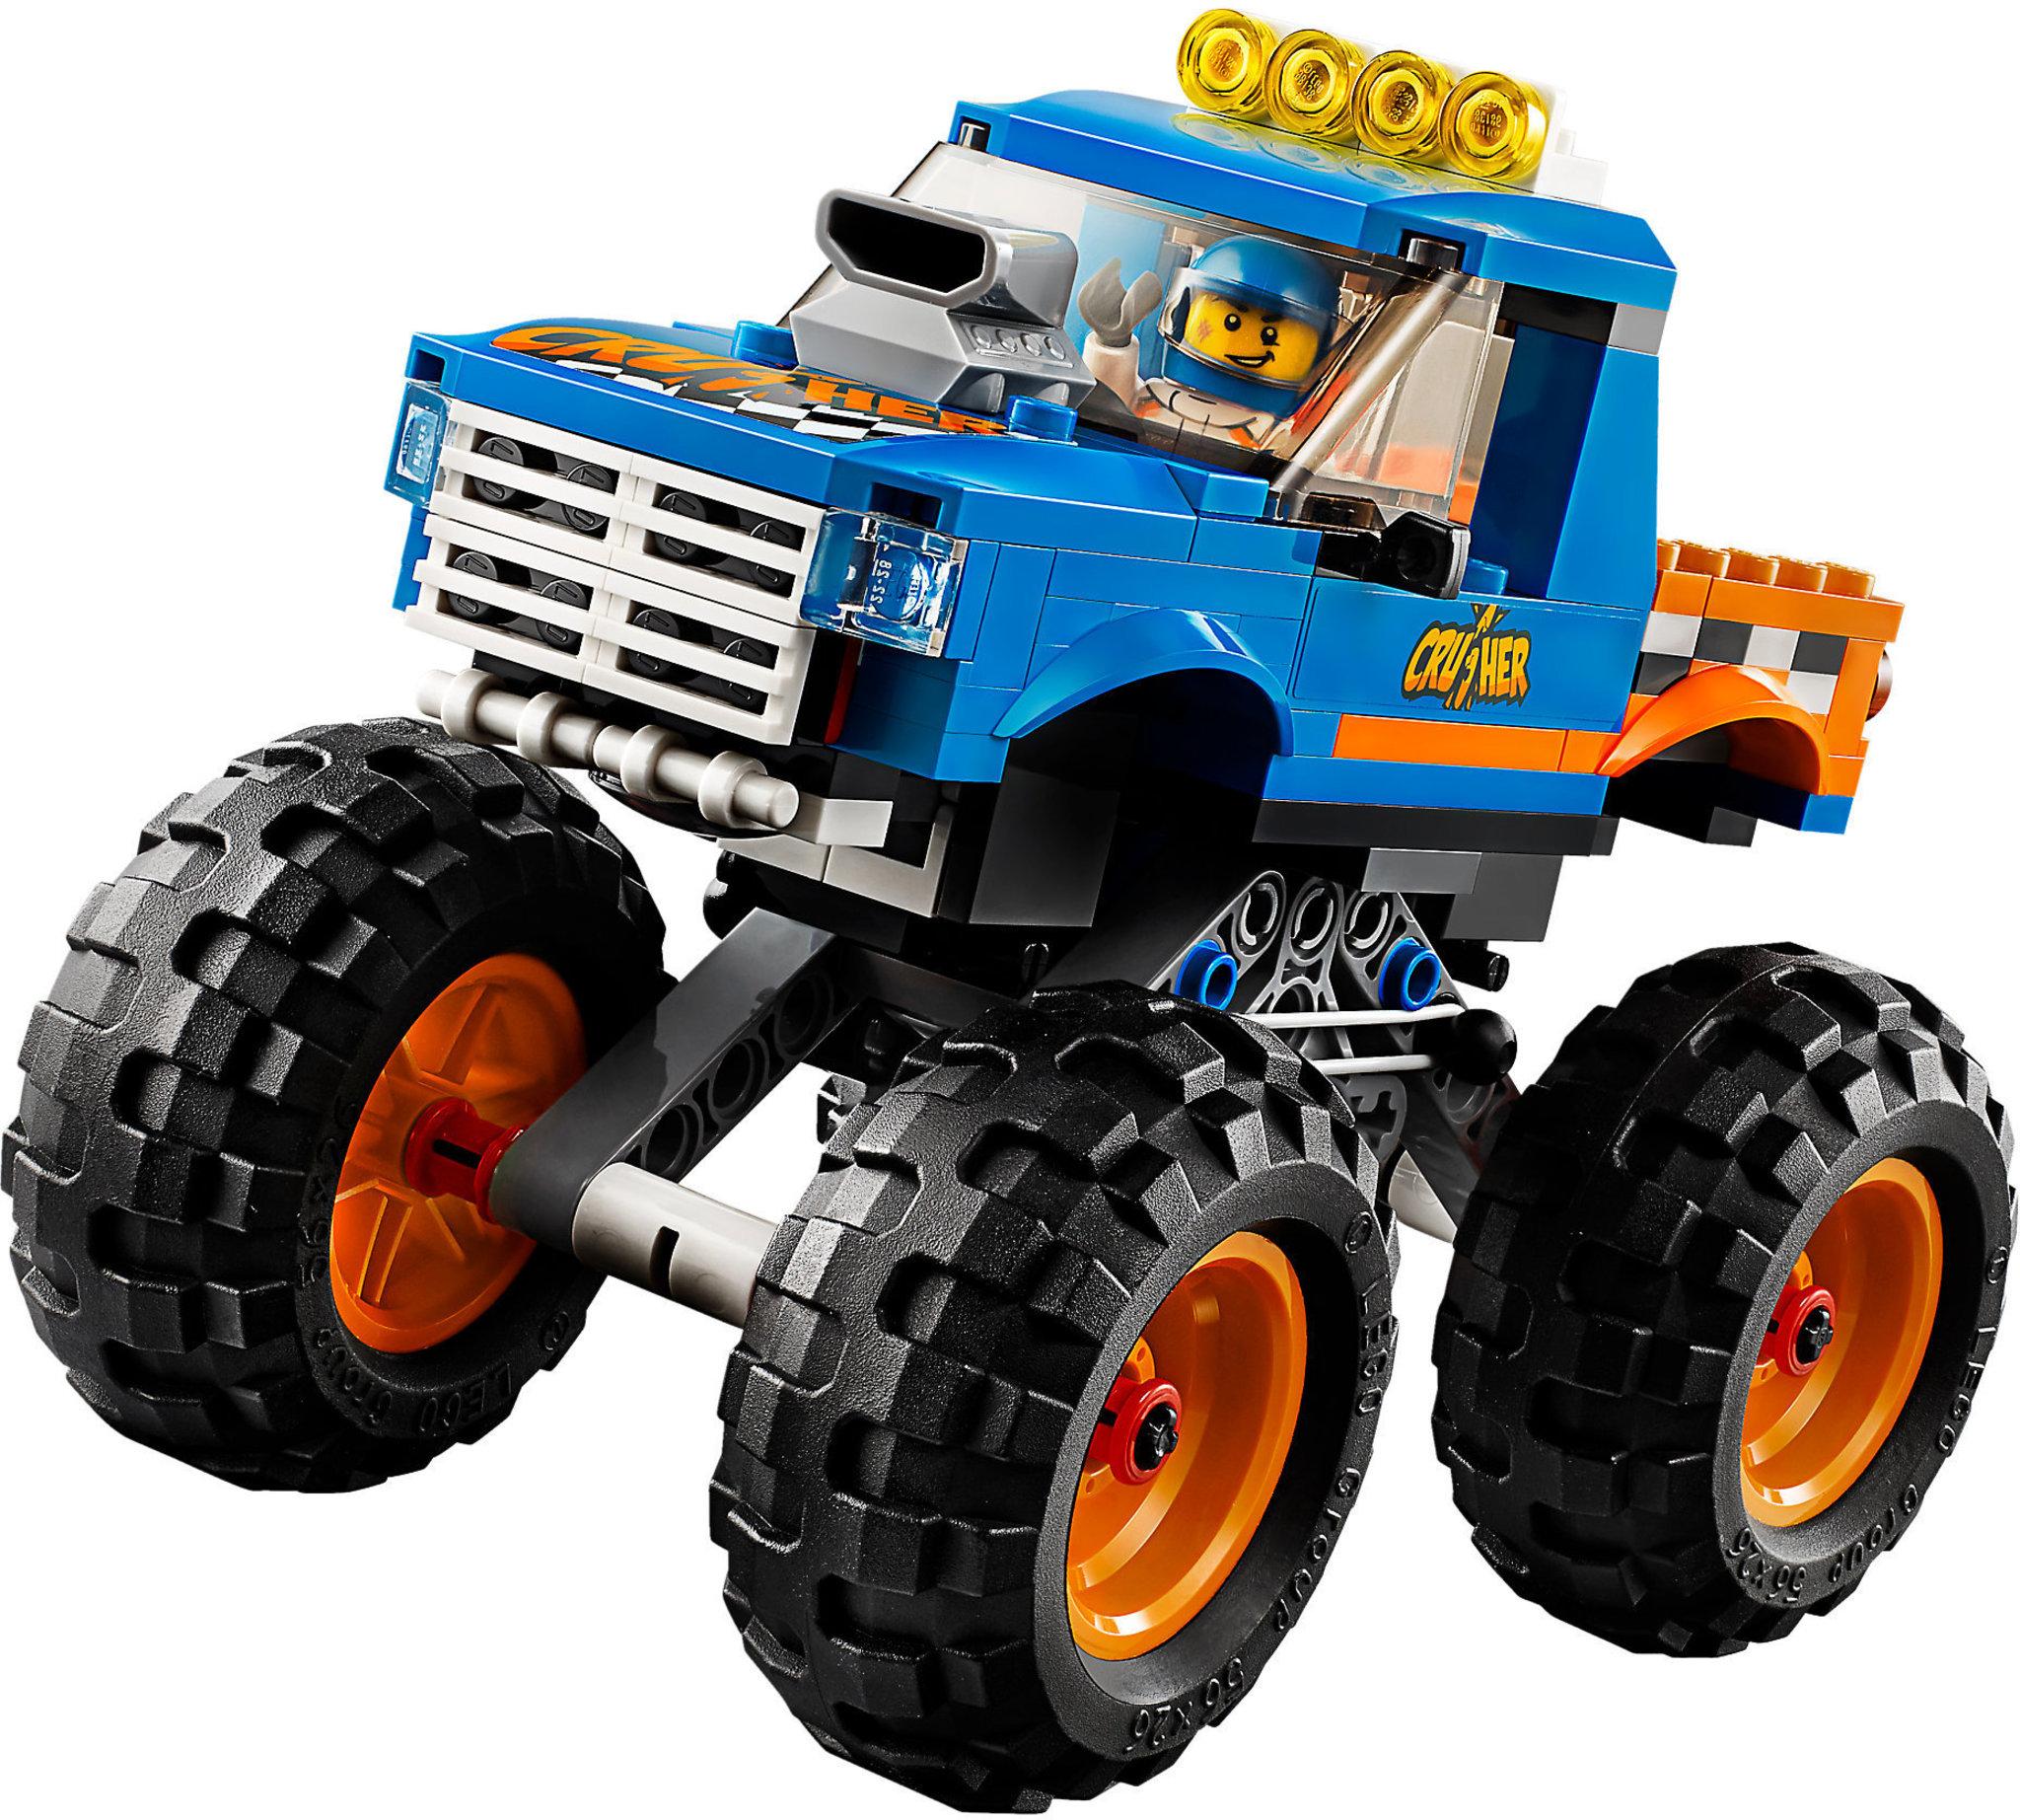 LEGO City 60180 - Monster Truck | Mattonito